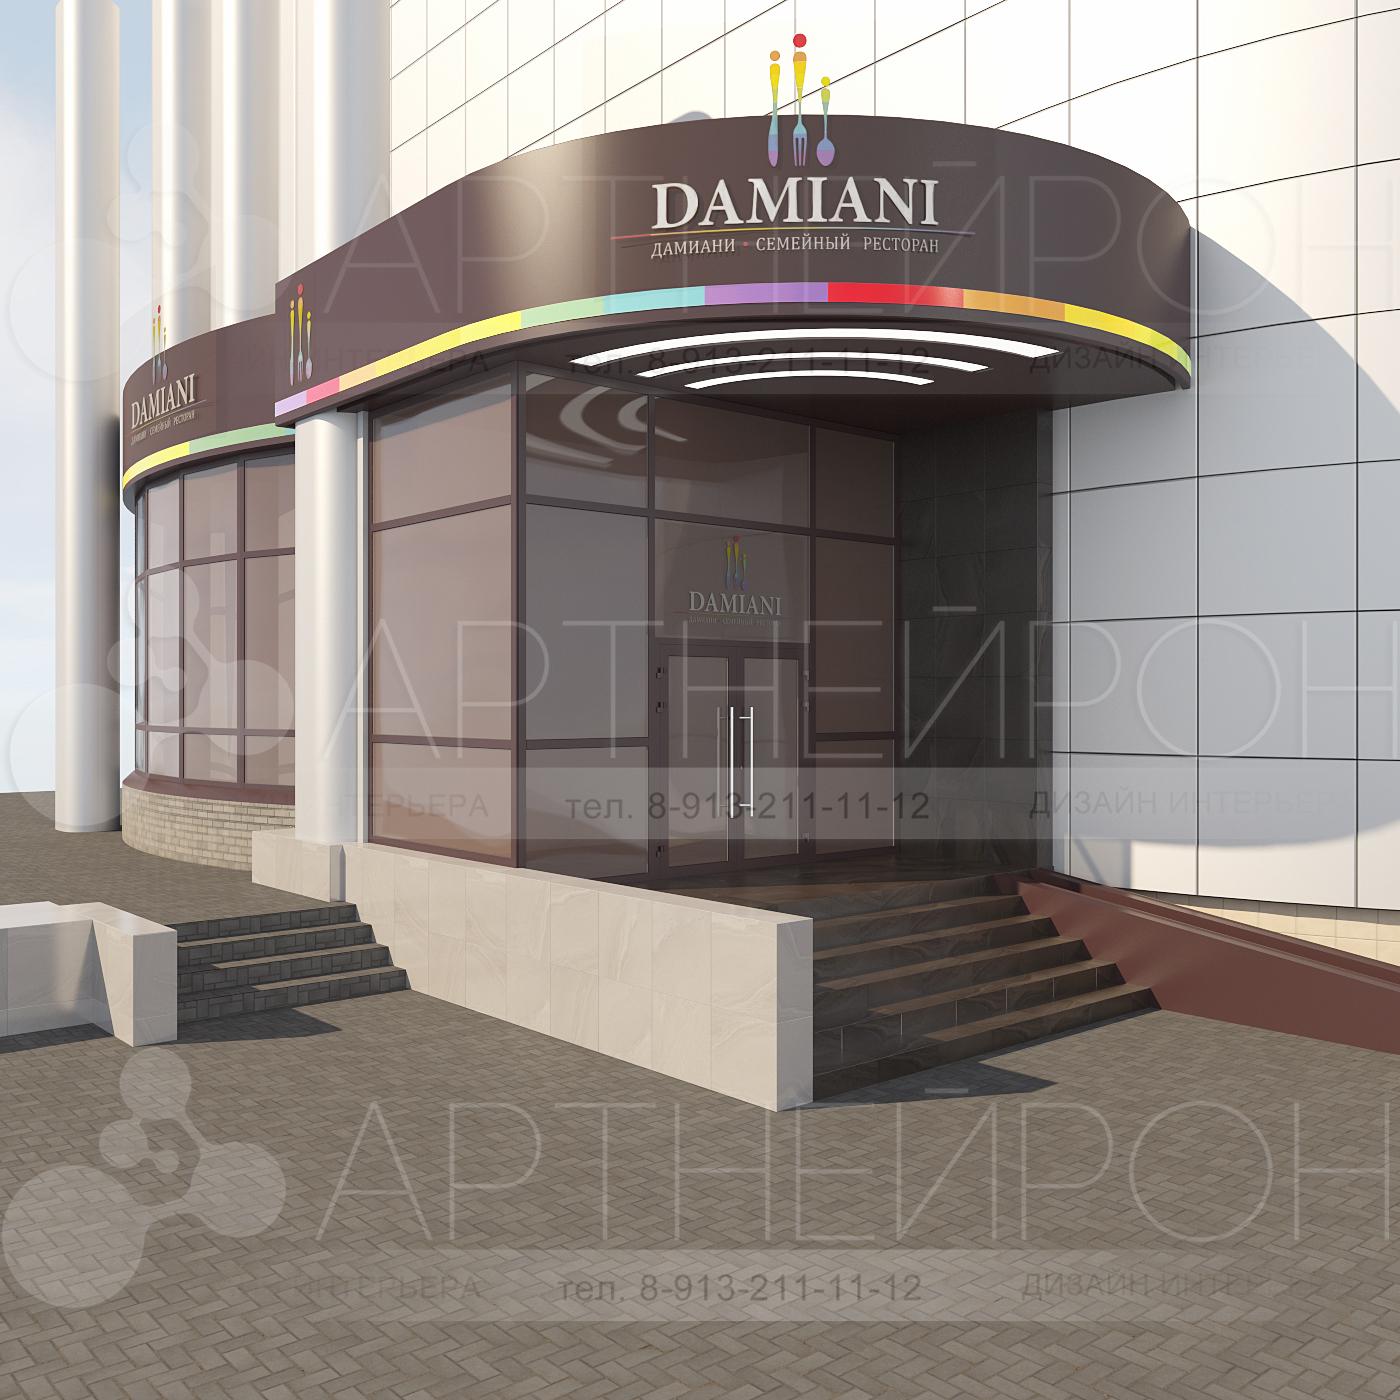 Разработка логотипа и дизайна входной группы для ресторана Дамиани